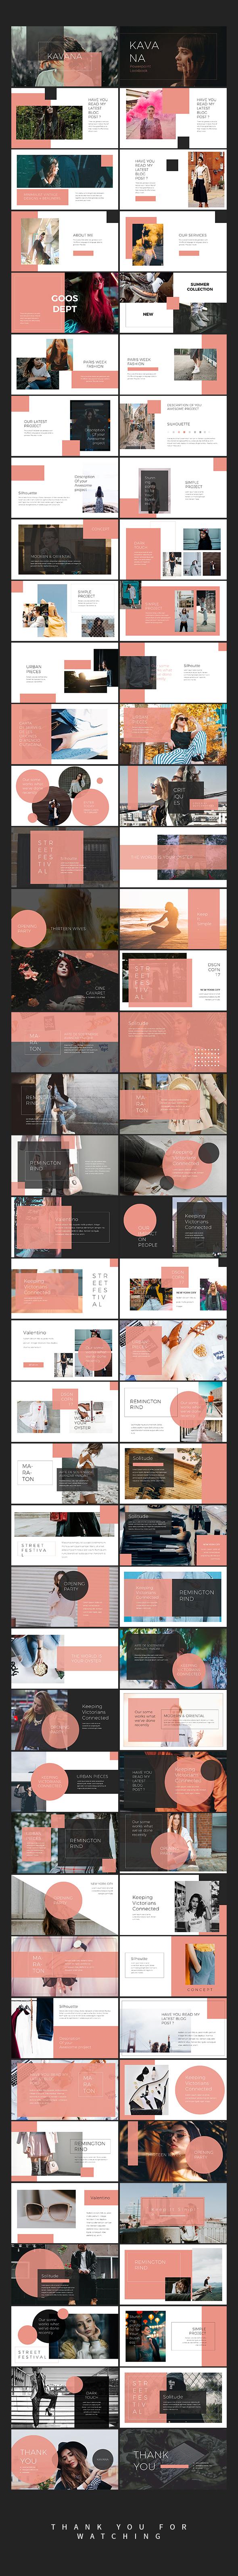 Kavana Lookbook Powerpoint Templates - Creative PowerPoint Templates